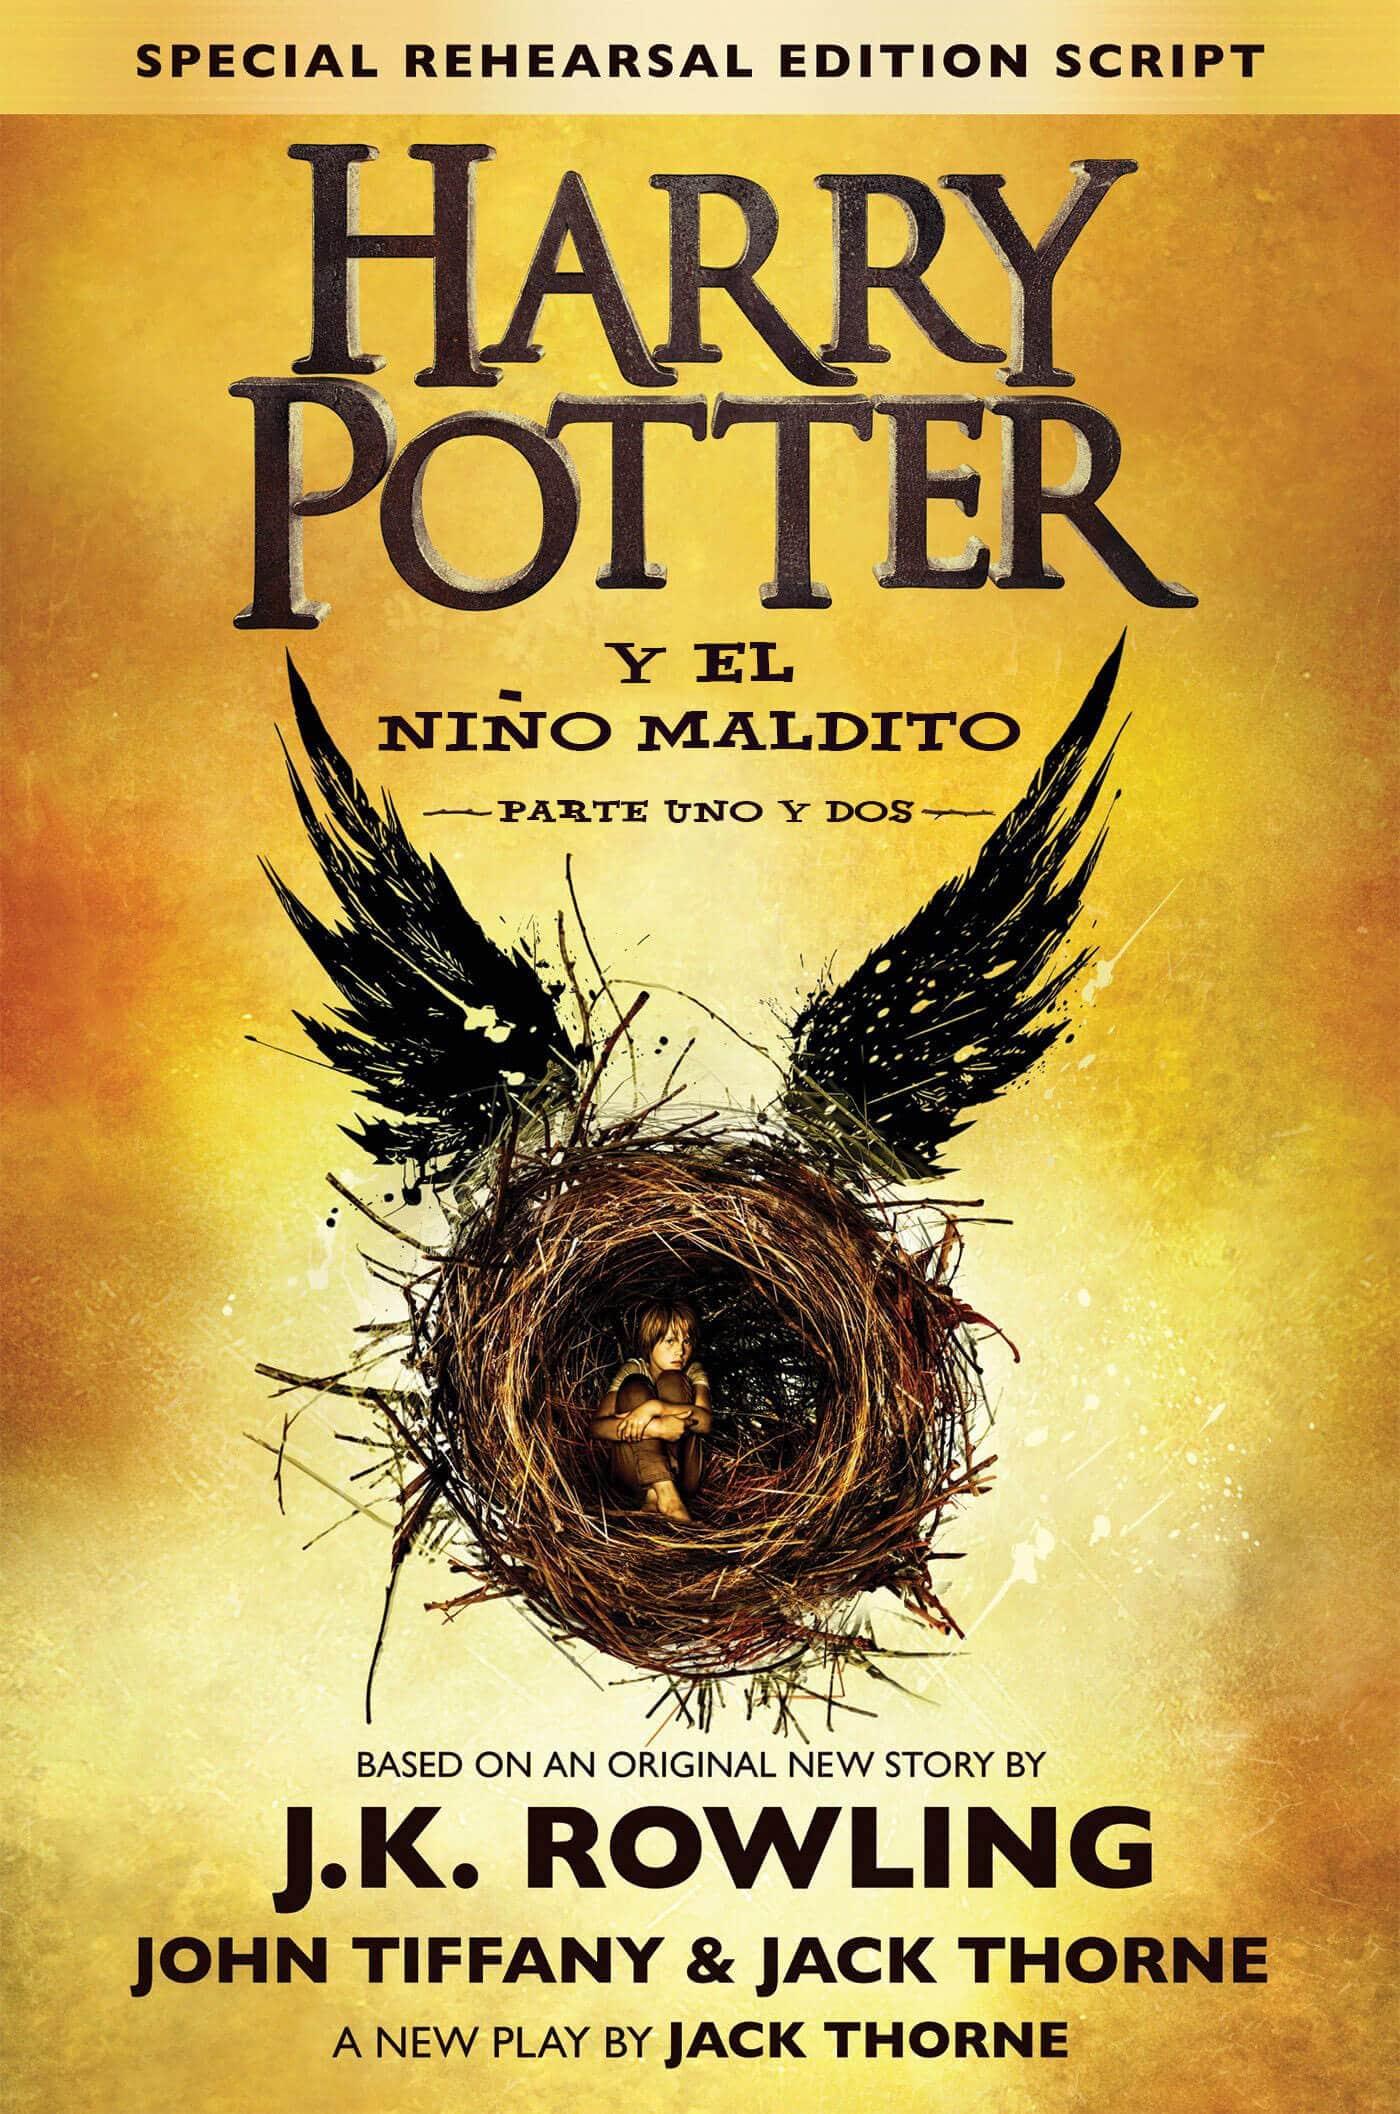 Harry-potter-y-el-nino-maldito